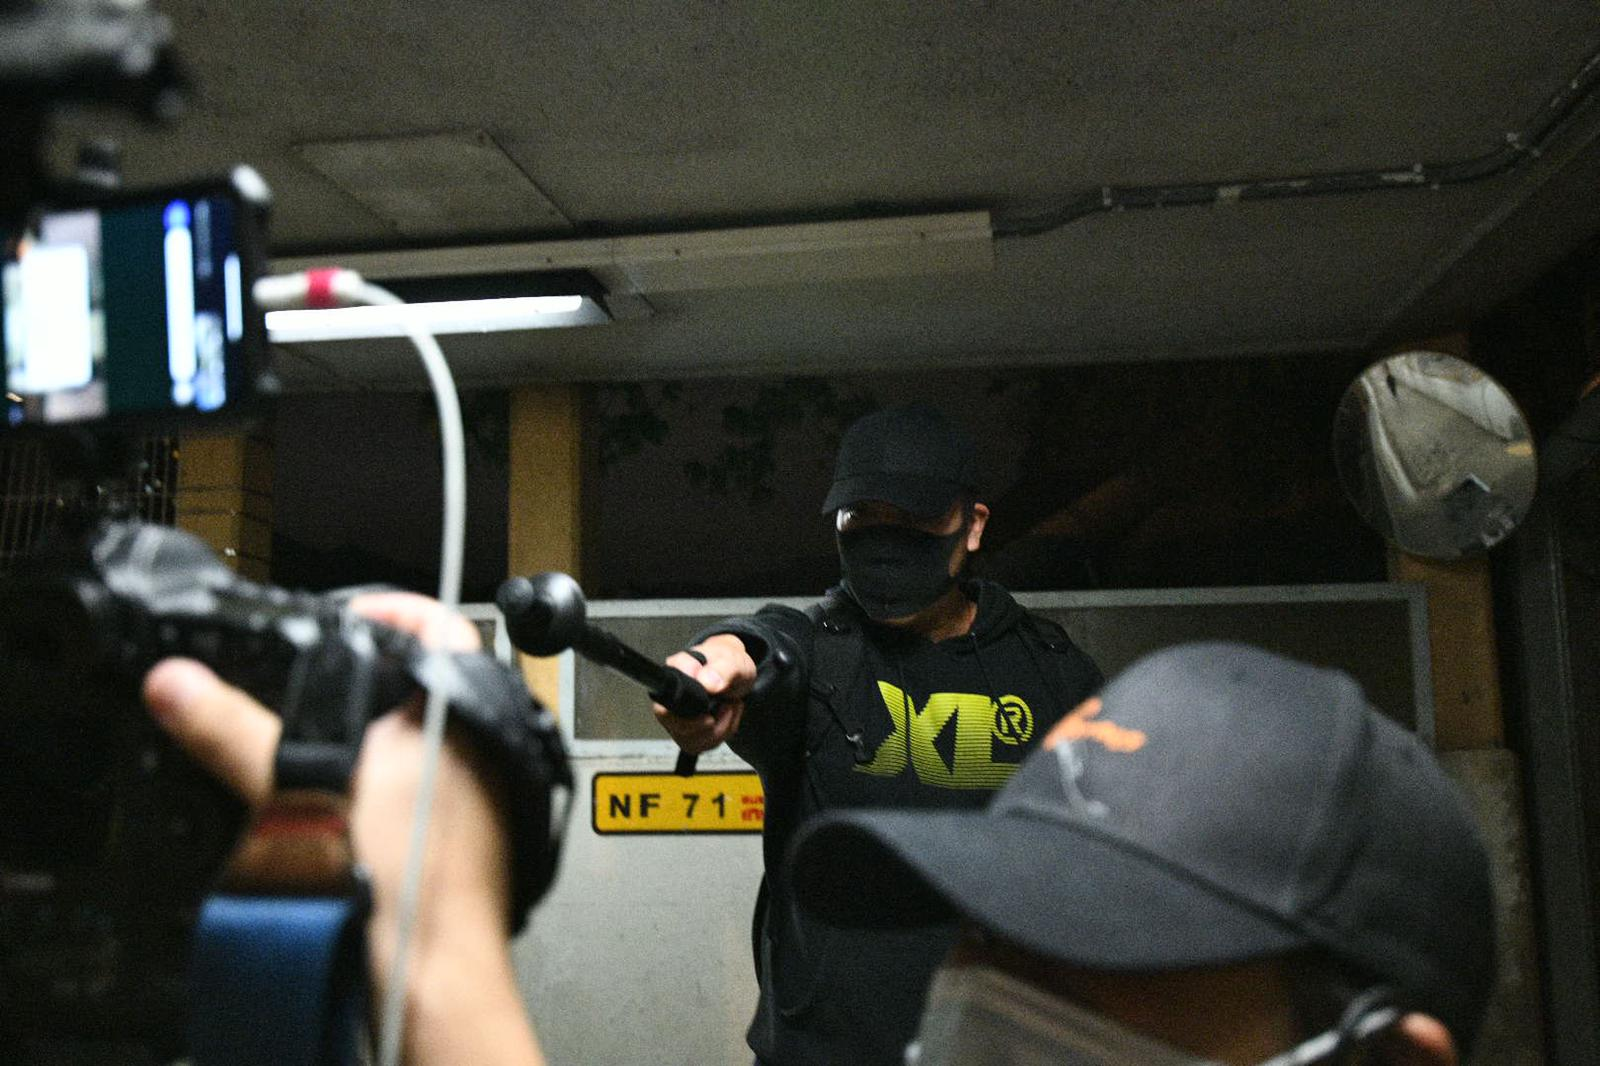 【和你Shop】沙田新城市有懷疑便衣警被包圍 手持疑似伸縮警棍